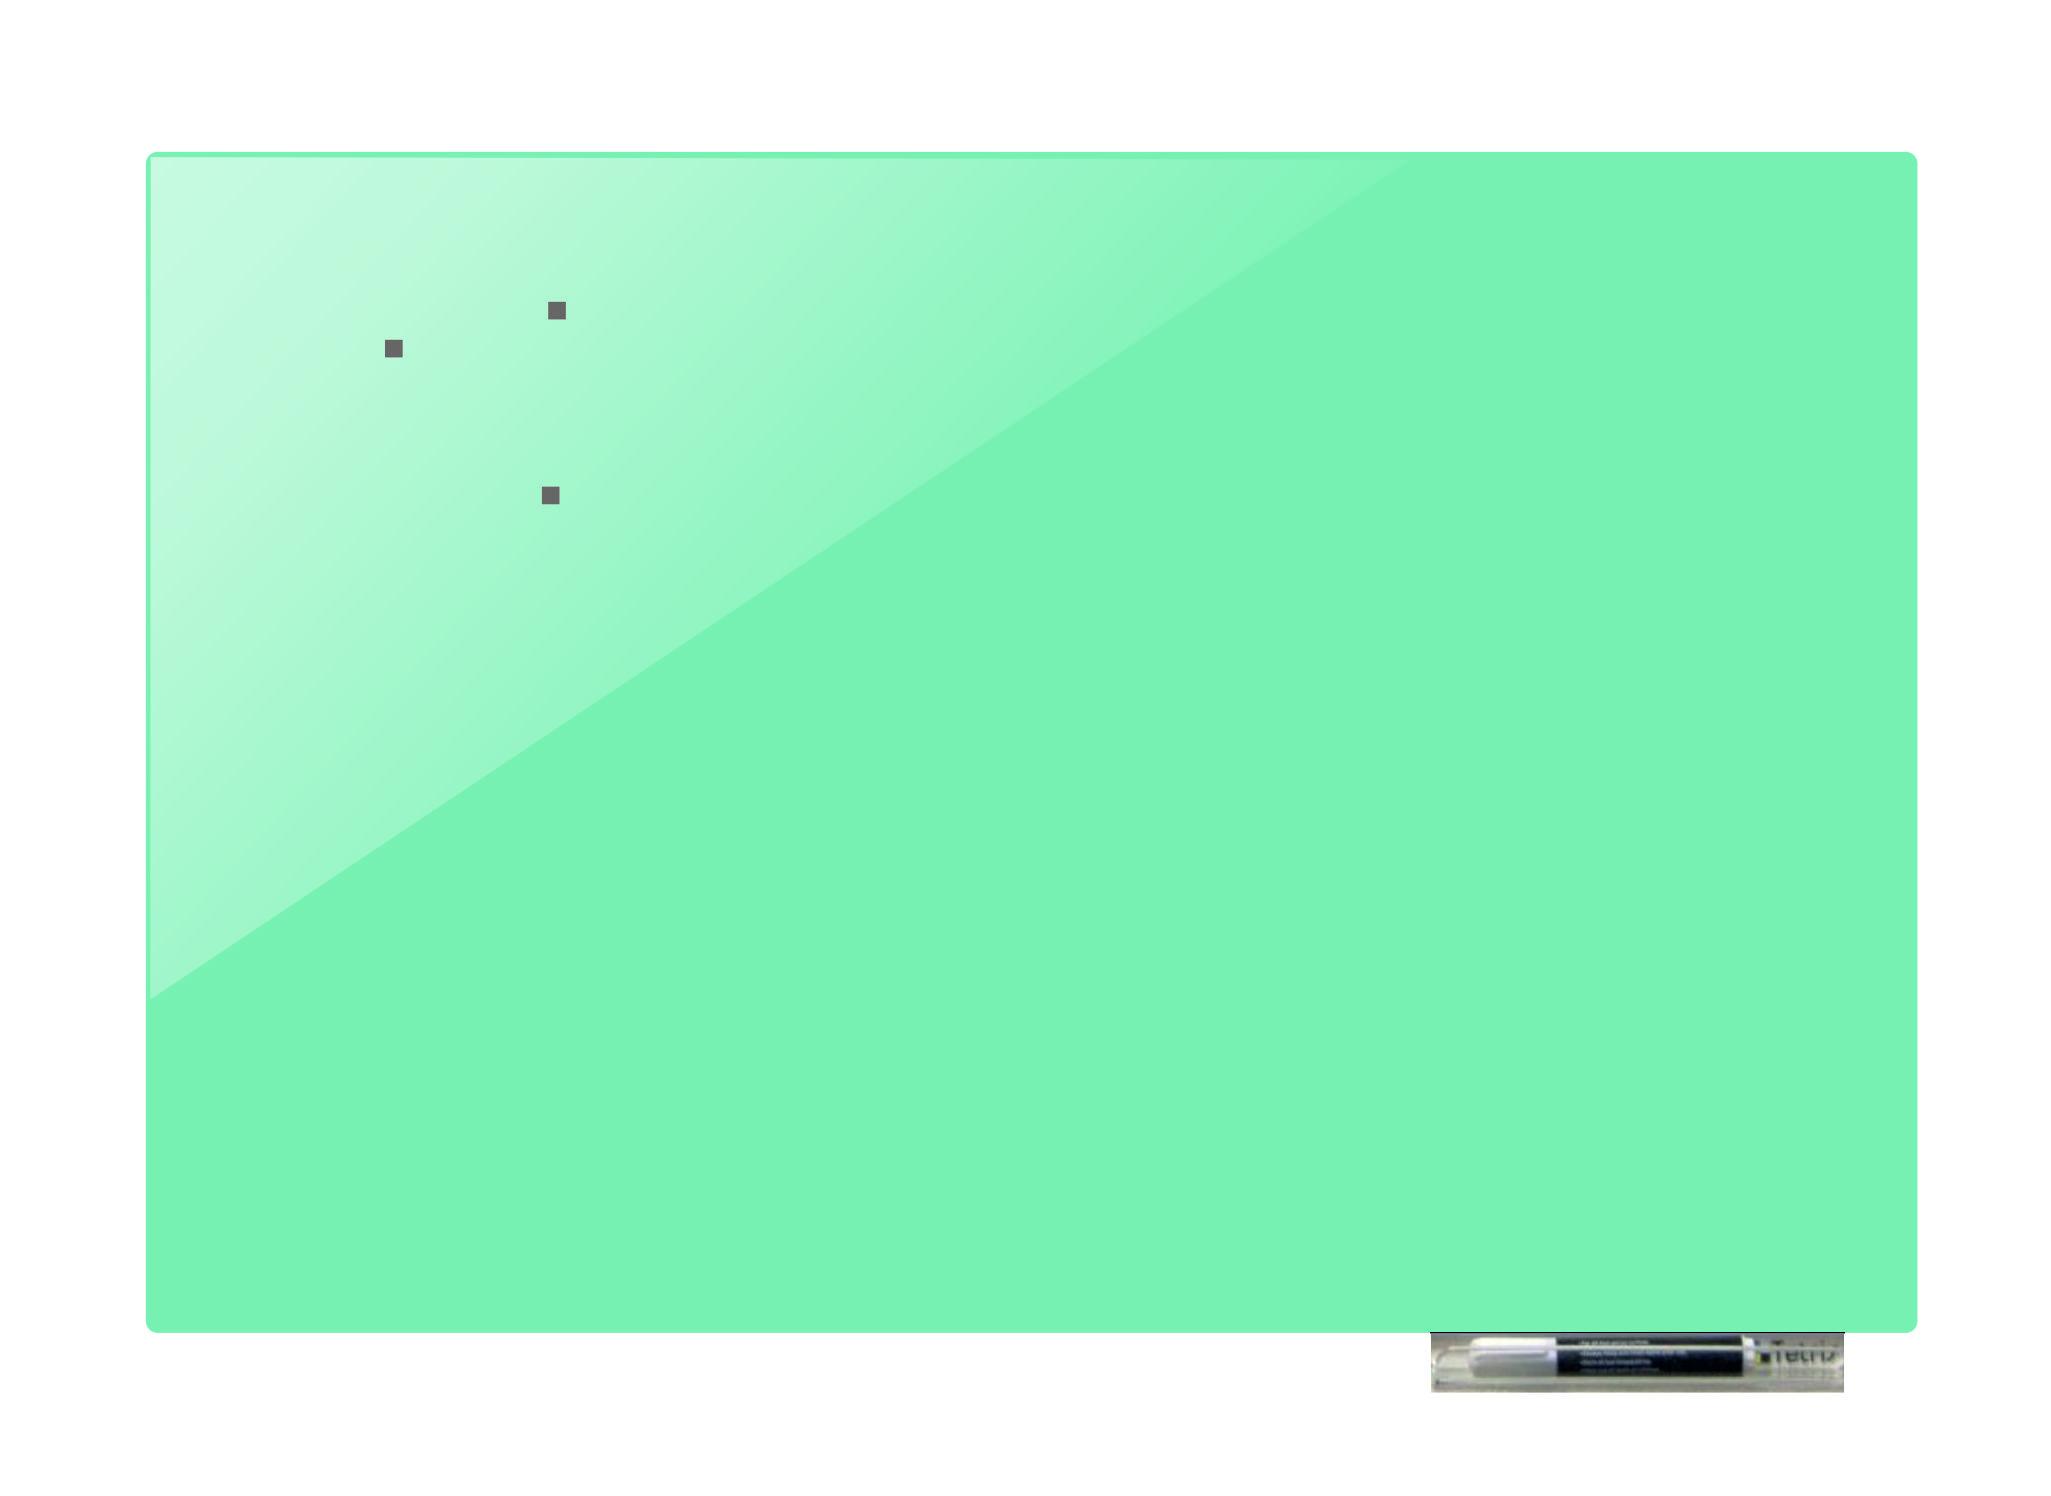 6027-tetris-glassboard